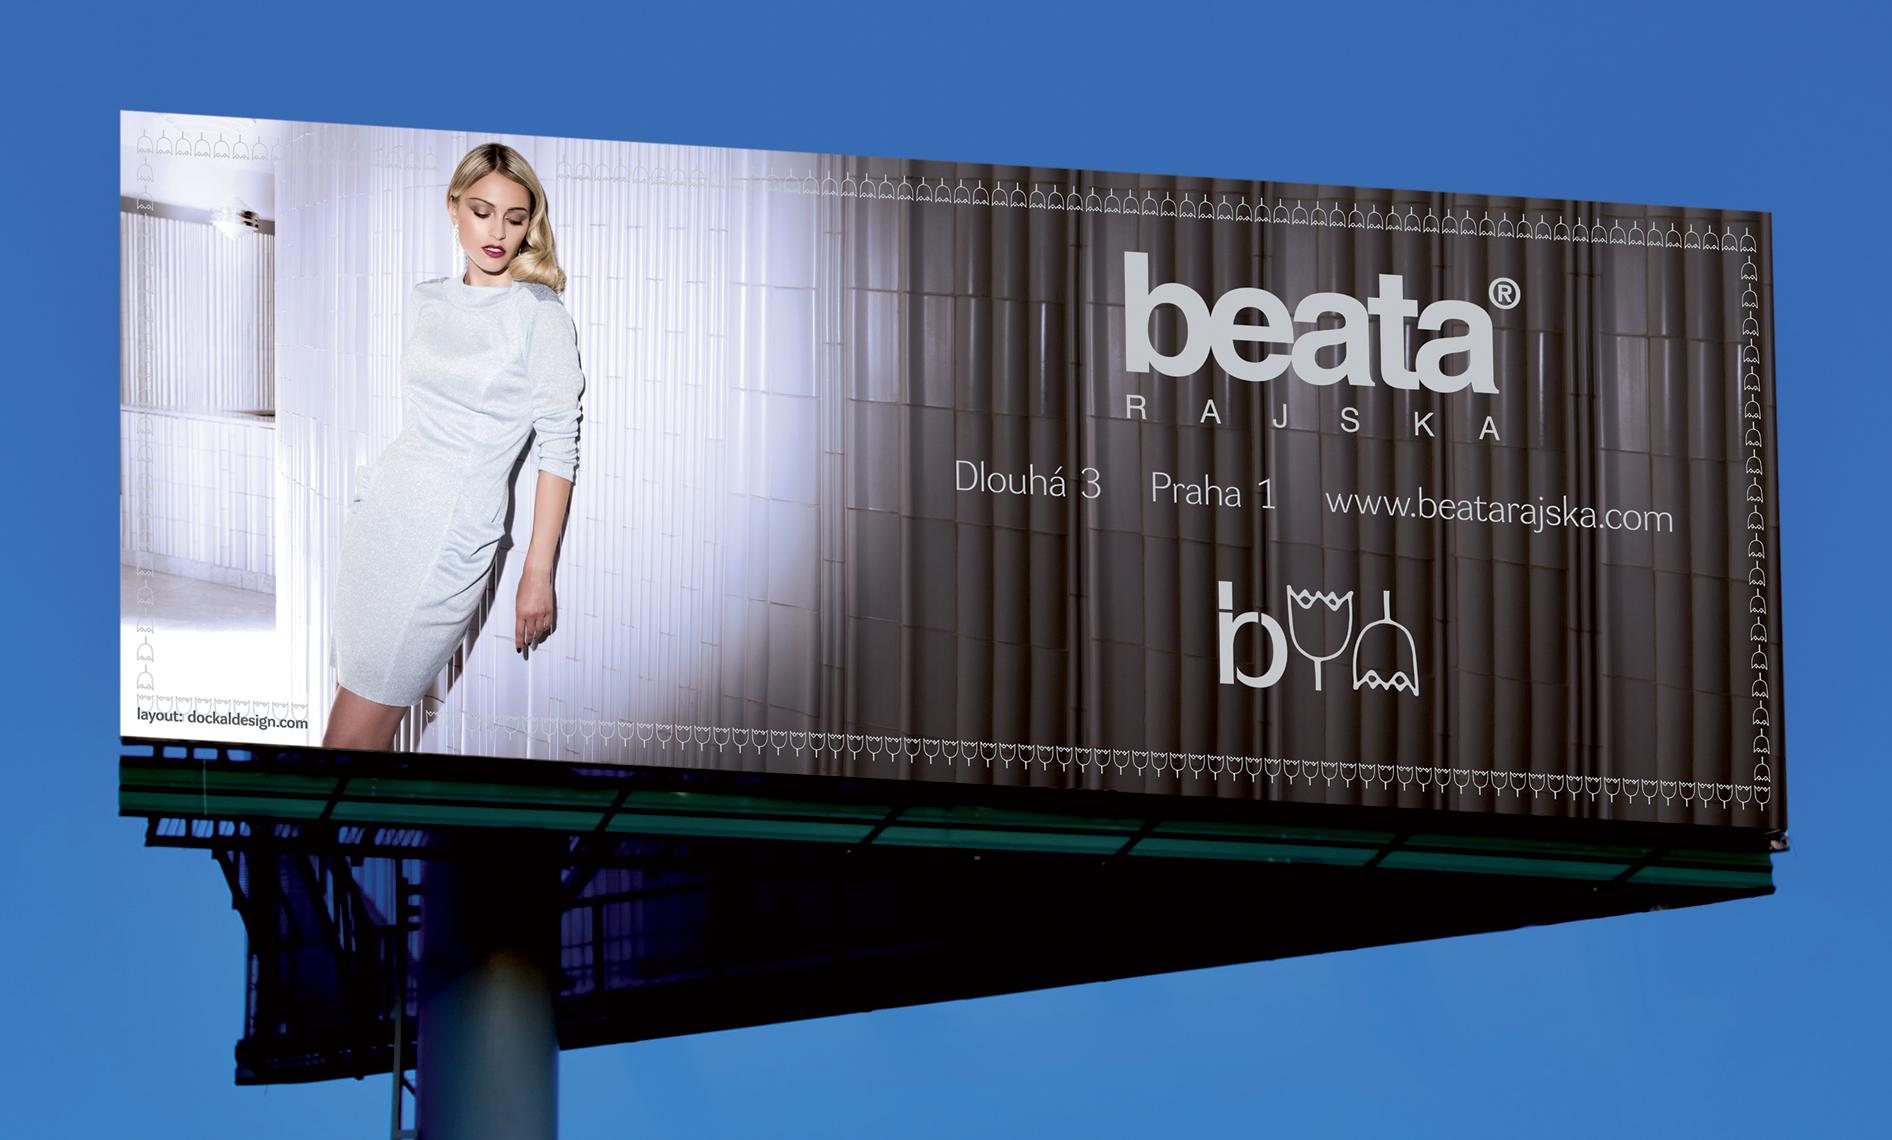 Campaign BEATA RAJSKA 2010